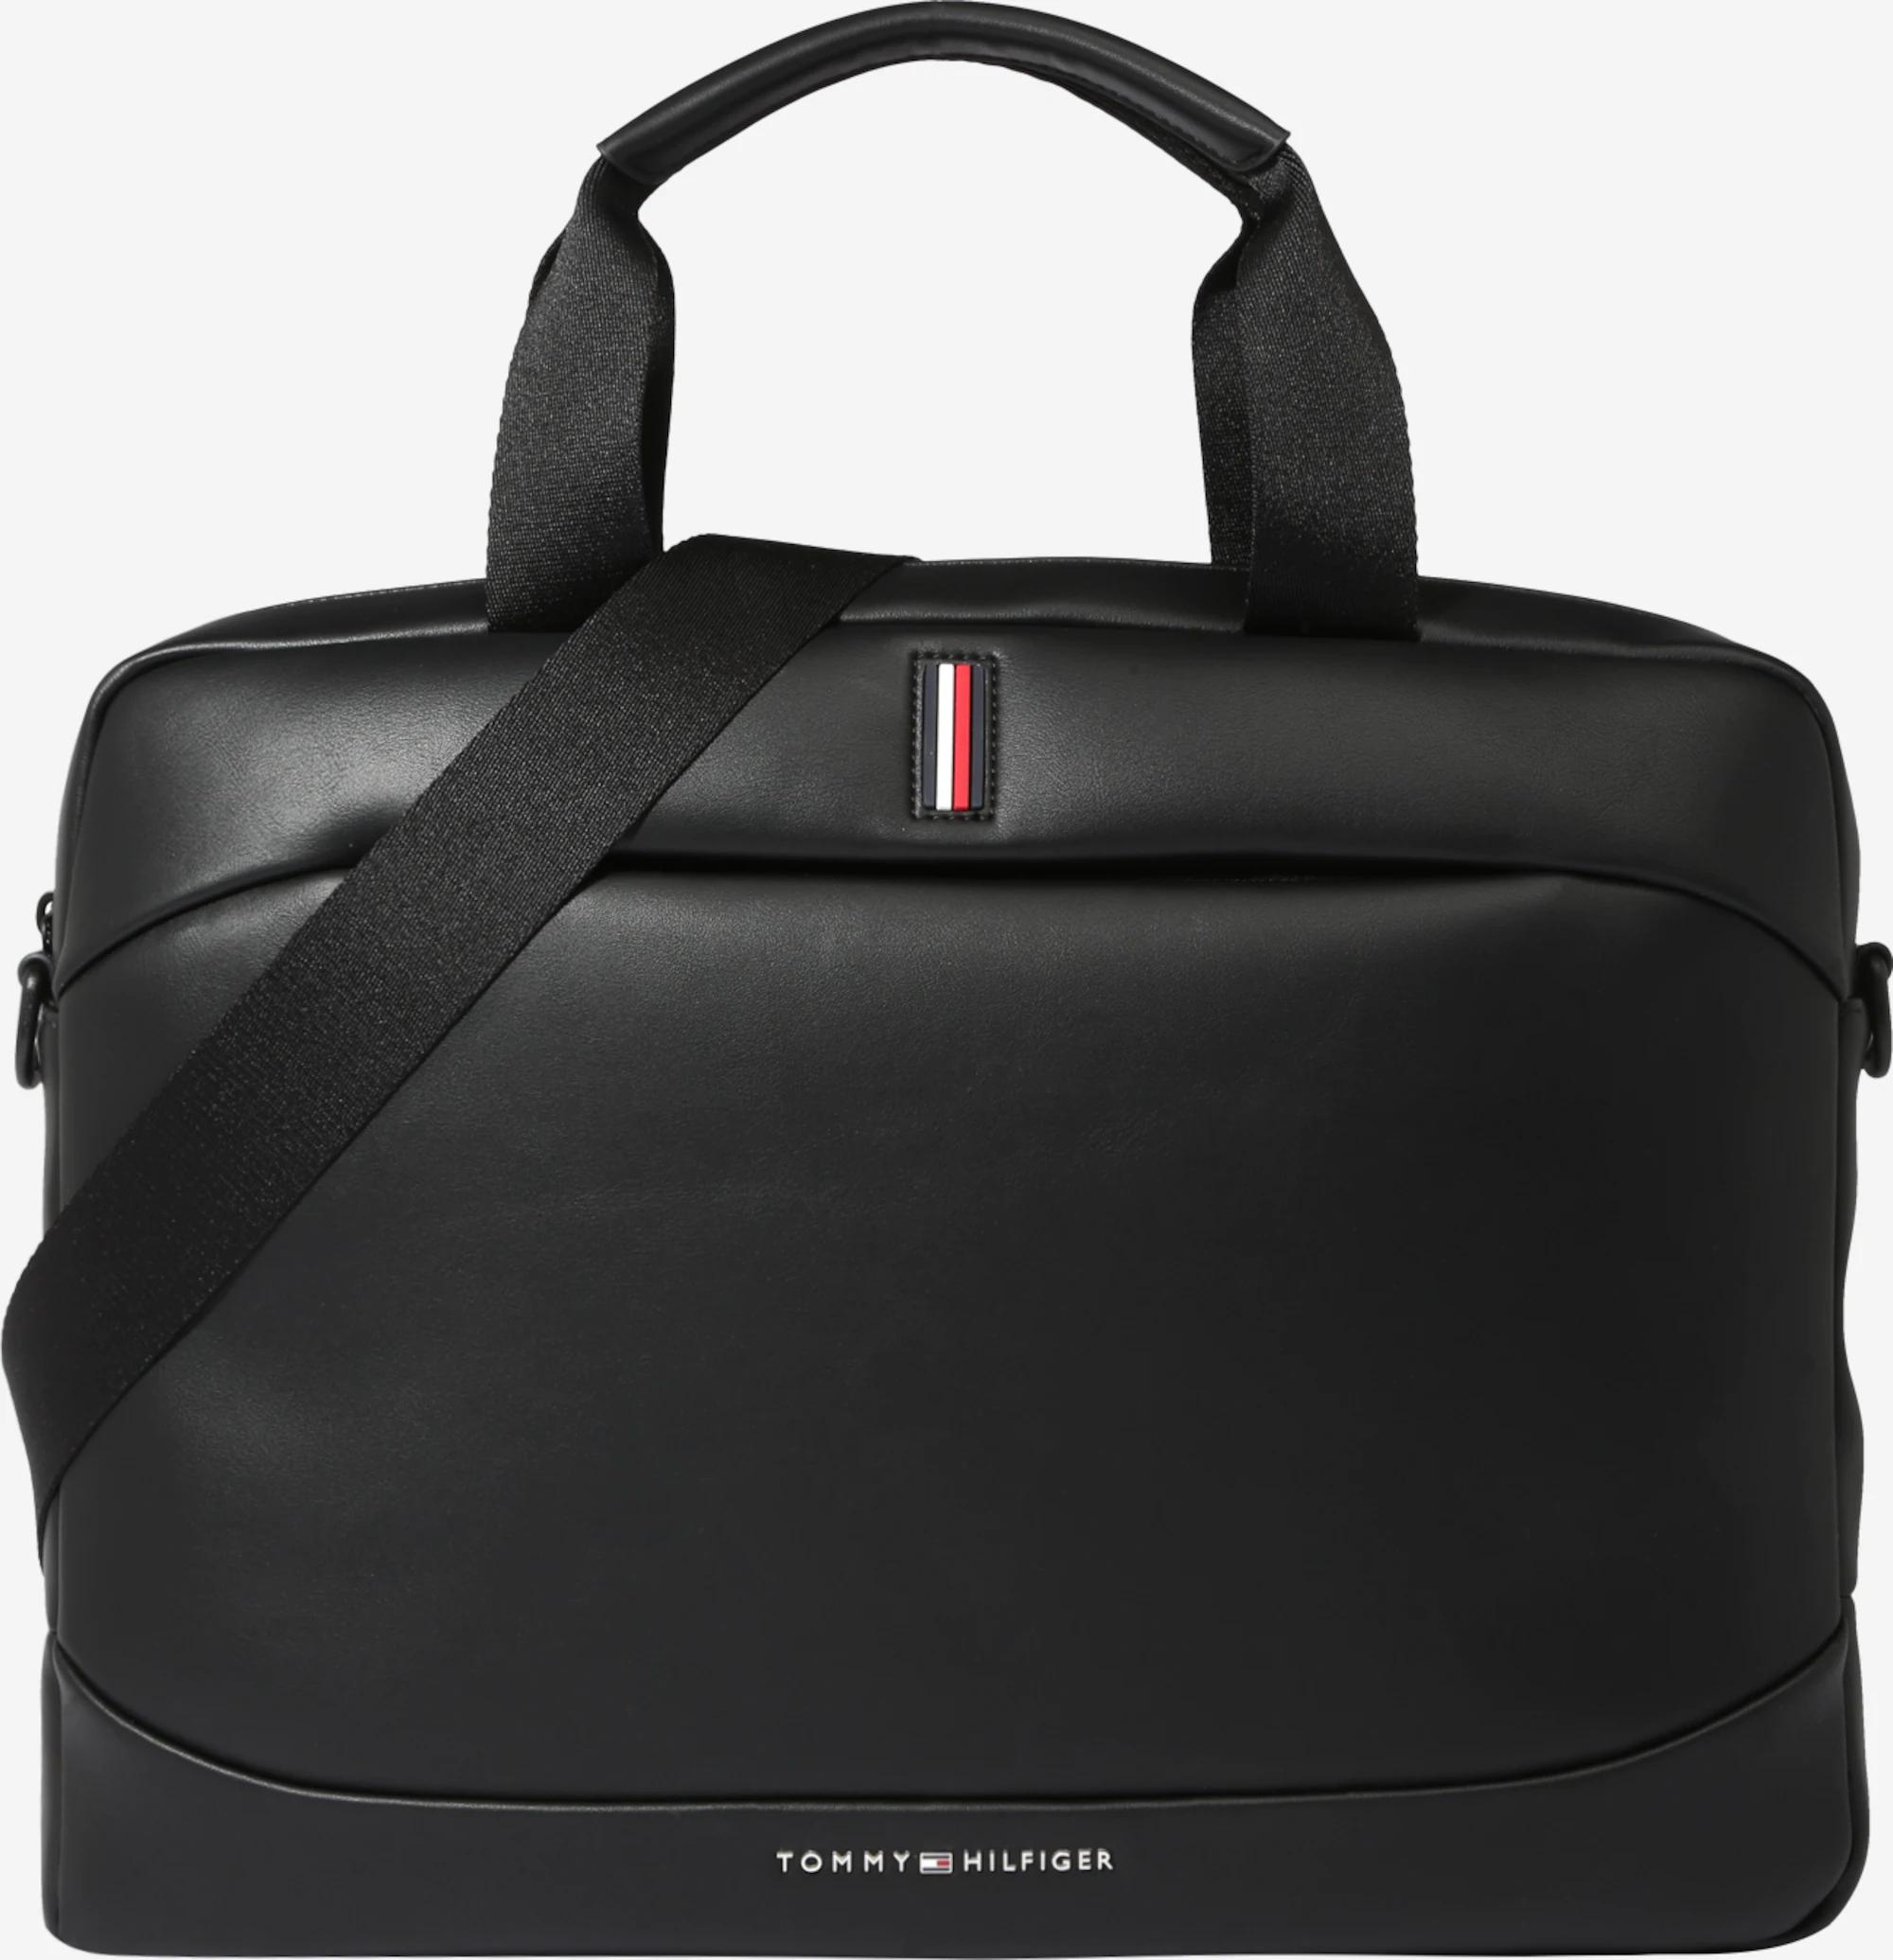 Sac de transport pour ordinateur portable Tommy Hilfiger Metro